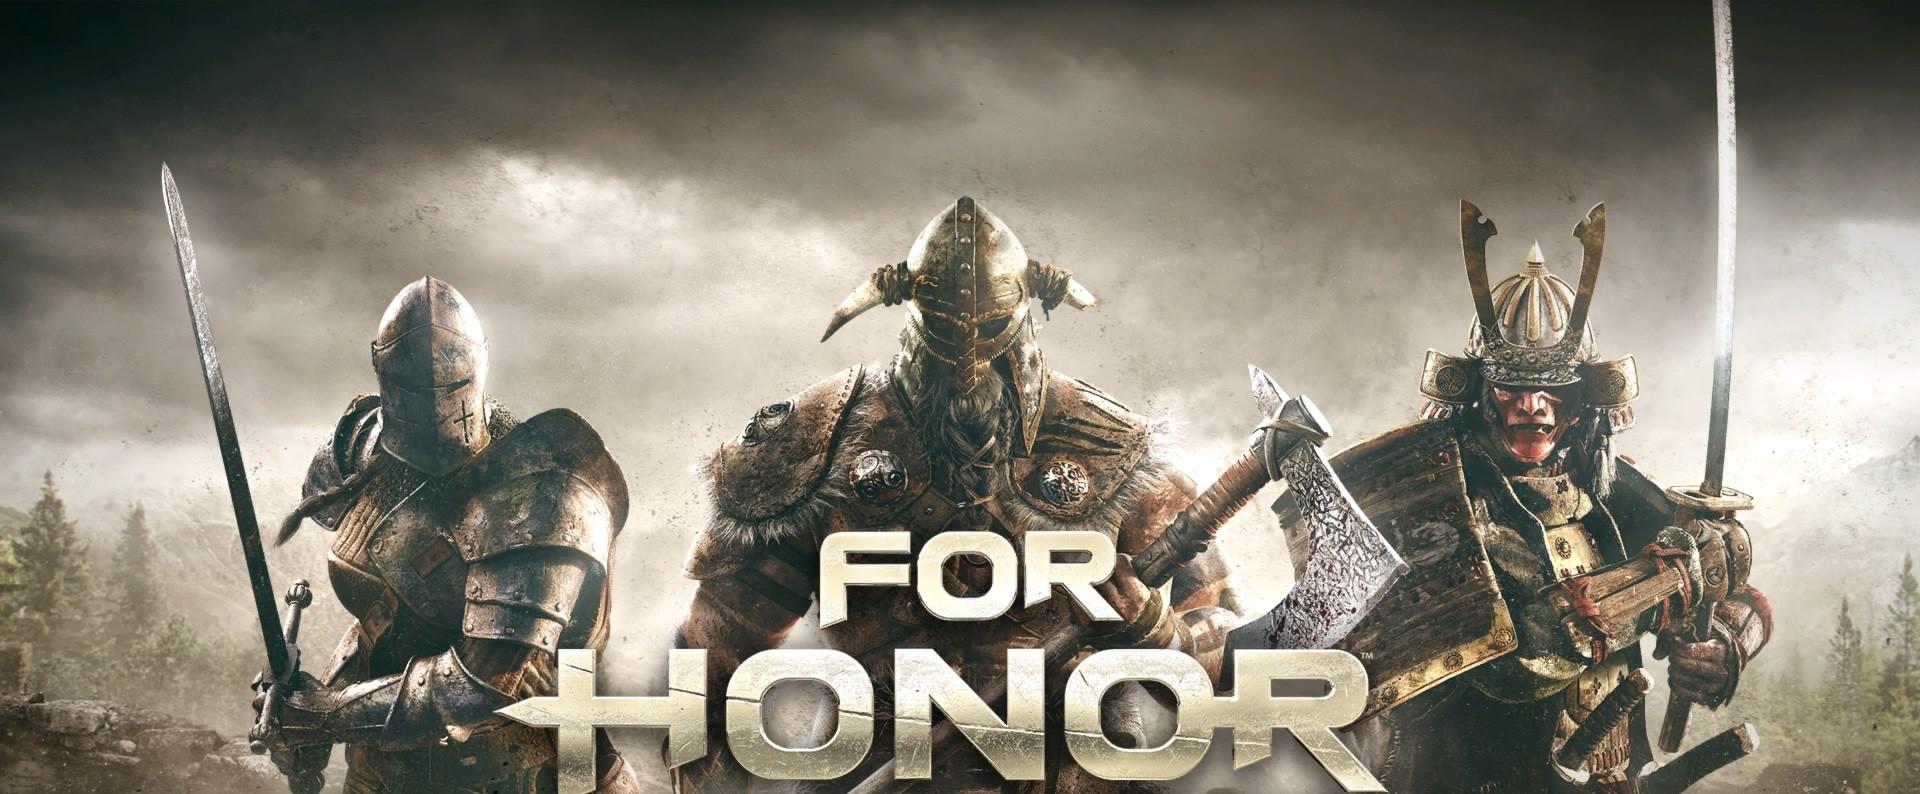 Mein-MMO fragt: Spielt Ihr die Beta von For Honor? Wie gefällt's Euch?